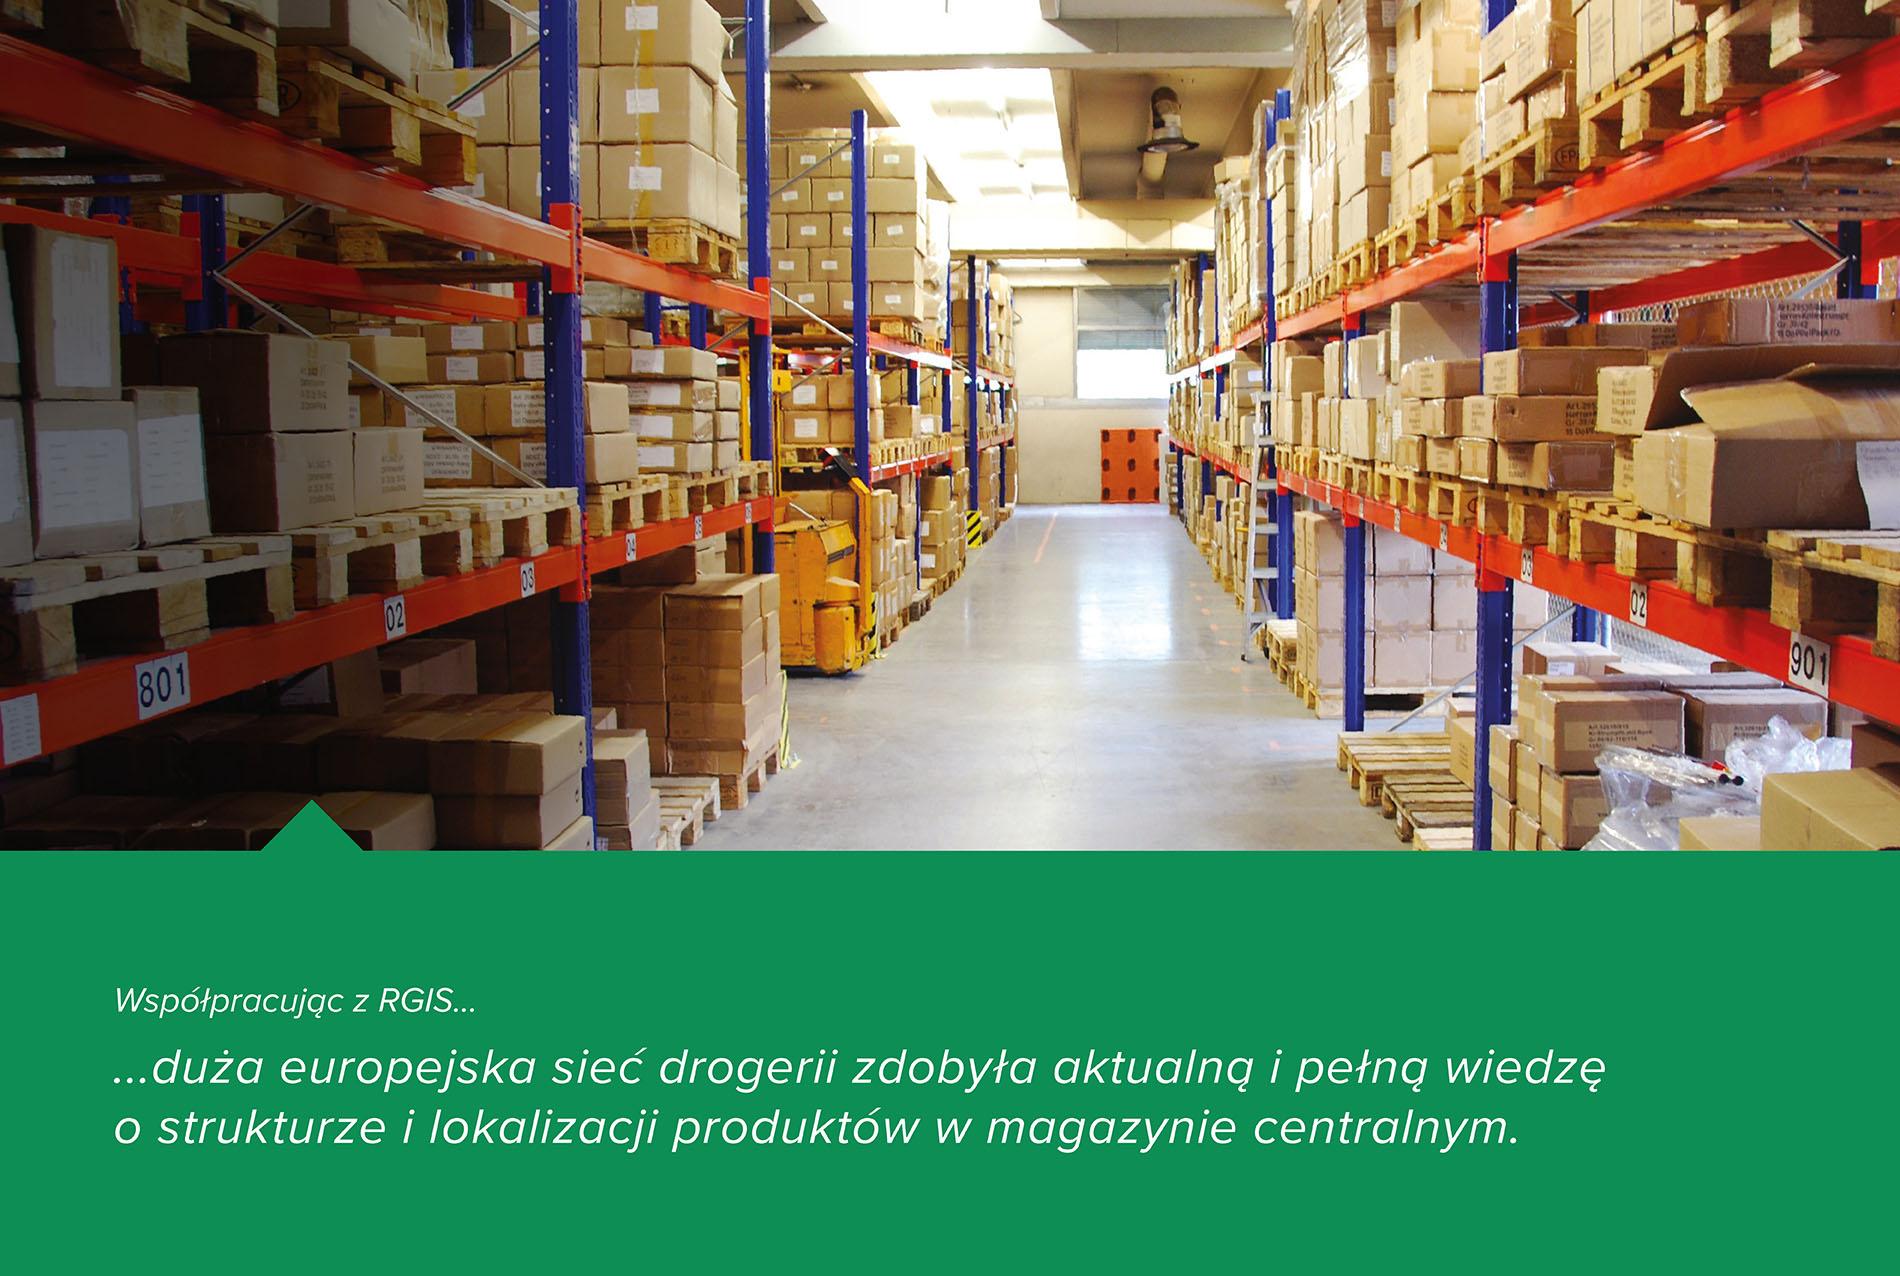 Studium przypadku RGIS dotyczące inwentaryzacji od ściany do ściany w magazynie centralnym